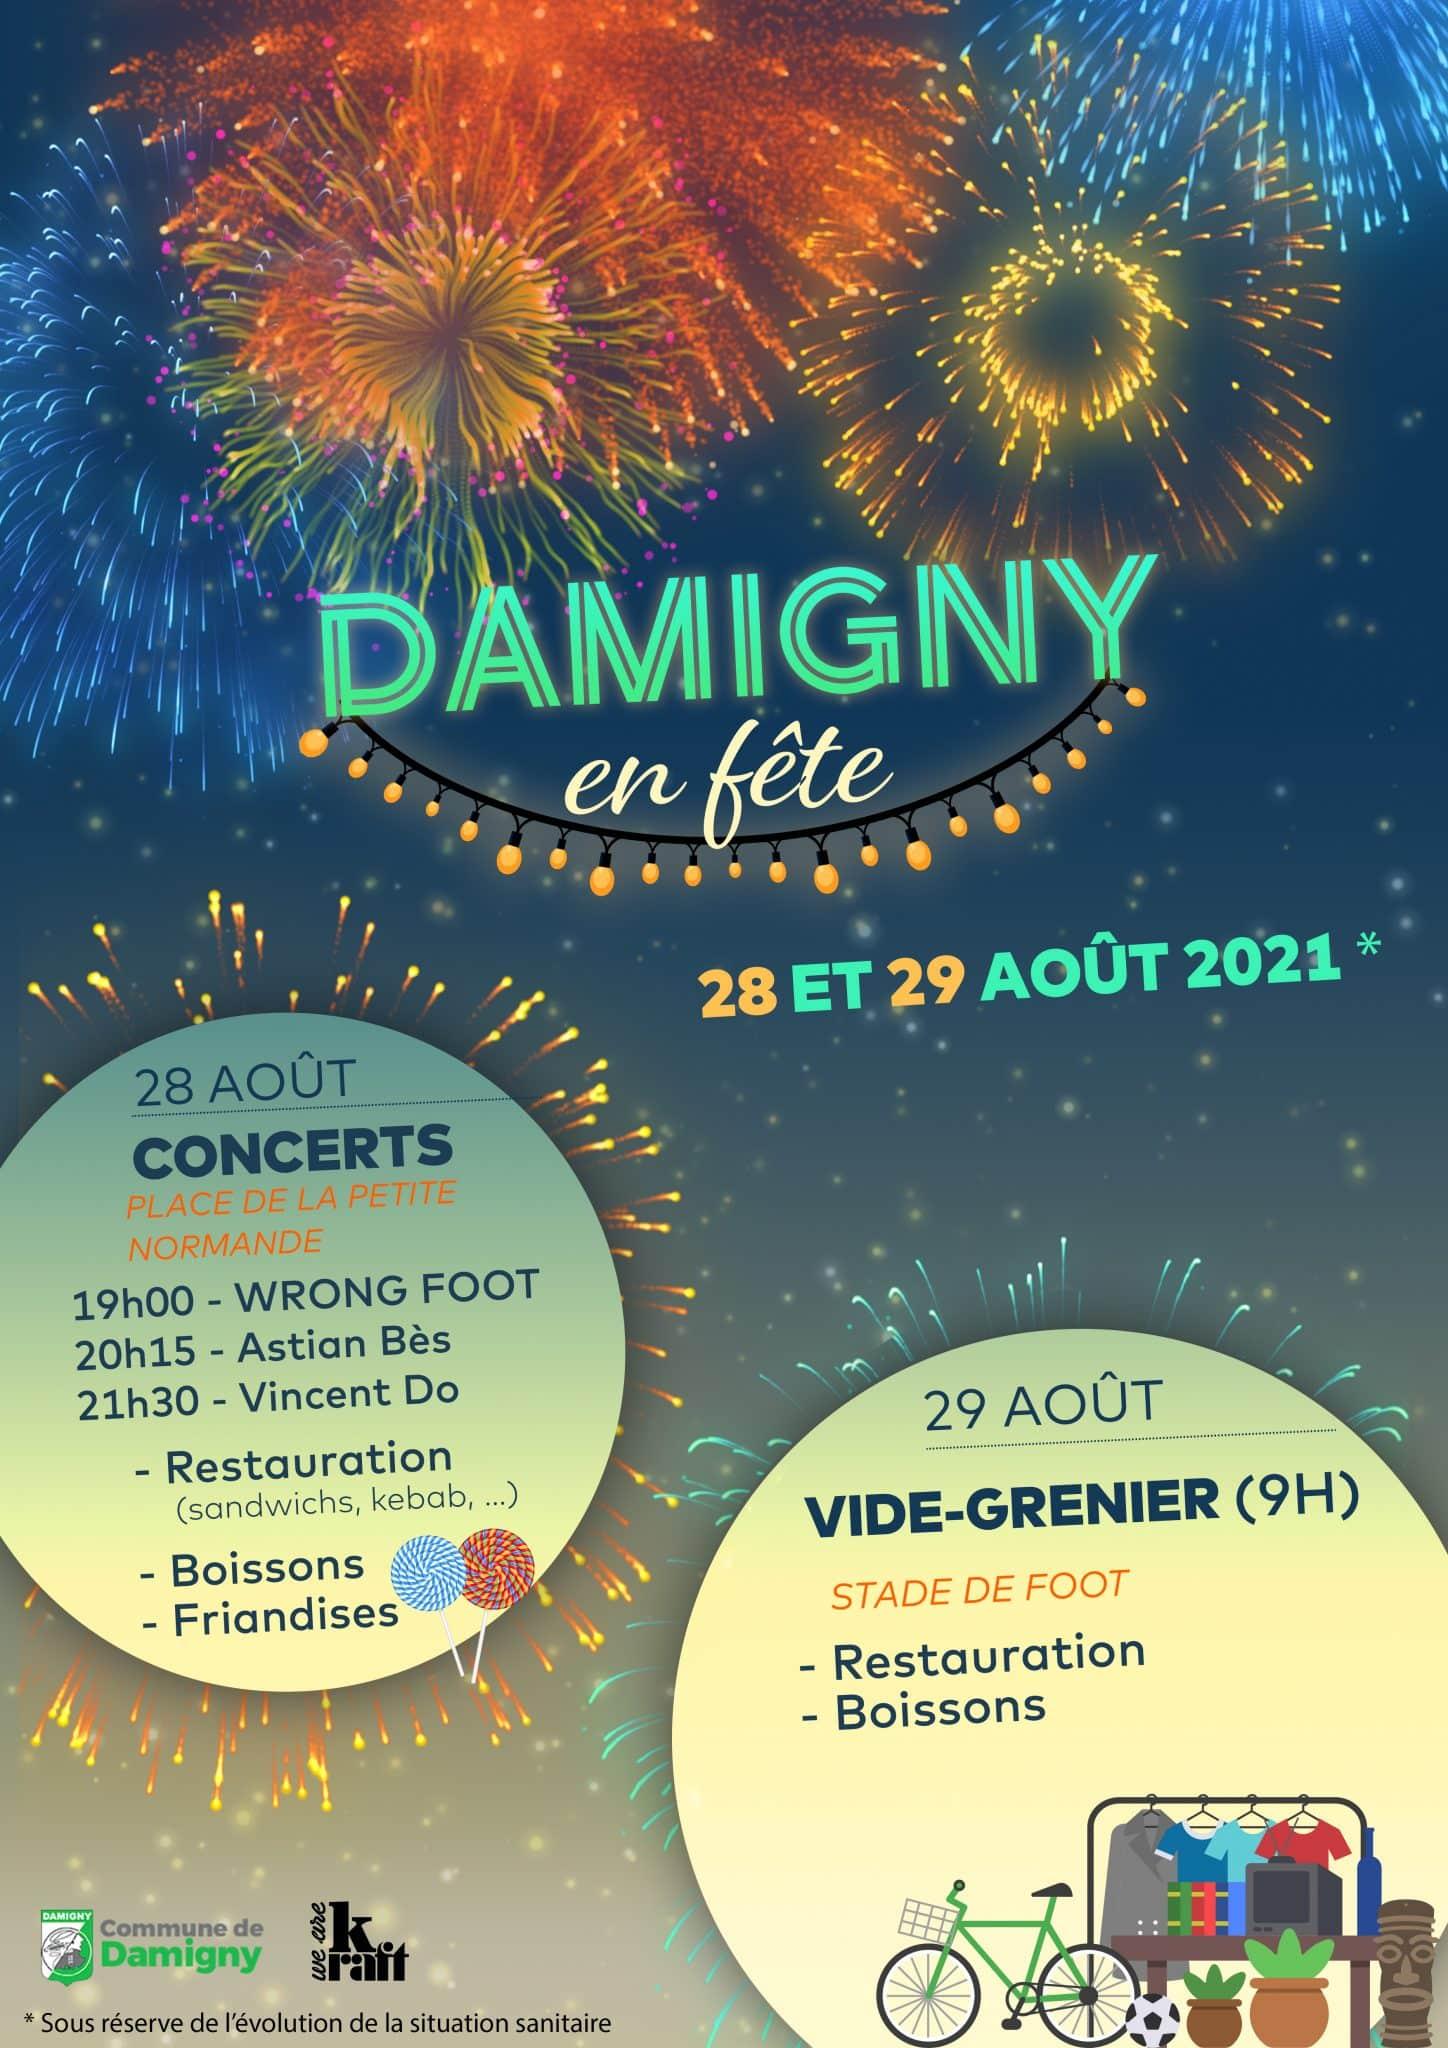 Damigny en fête